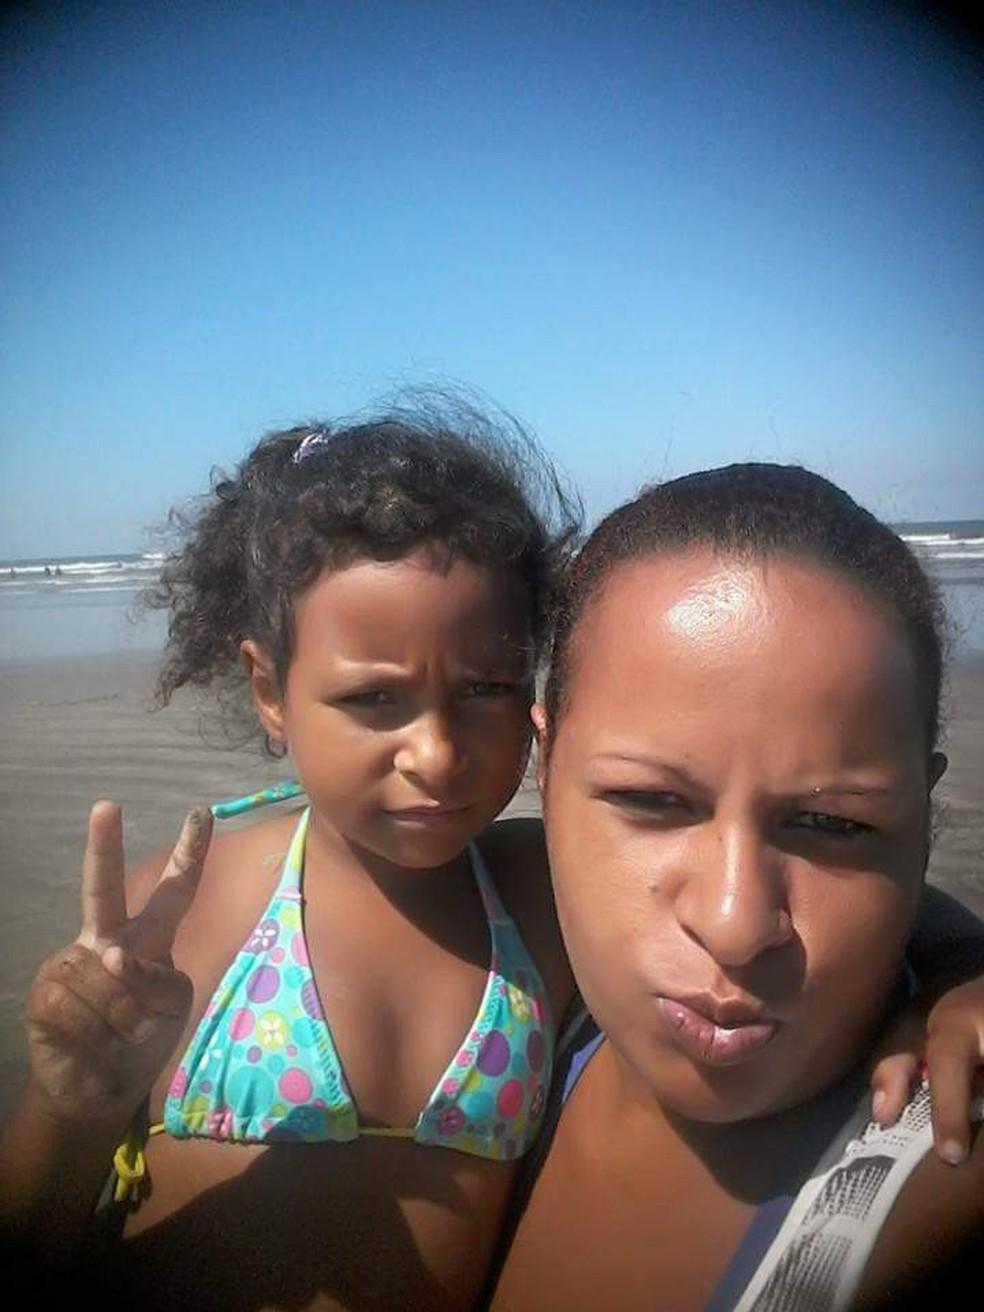 Diana Soares, mãe de Kauani Cristhiny, suspeitava que a filha tinha sido sequestrada — Foto: Arquivo Pessoal/Diana Soares